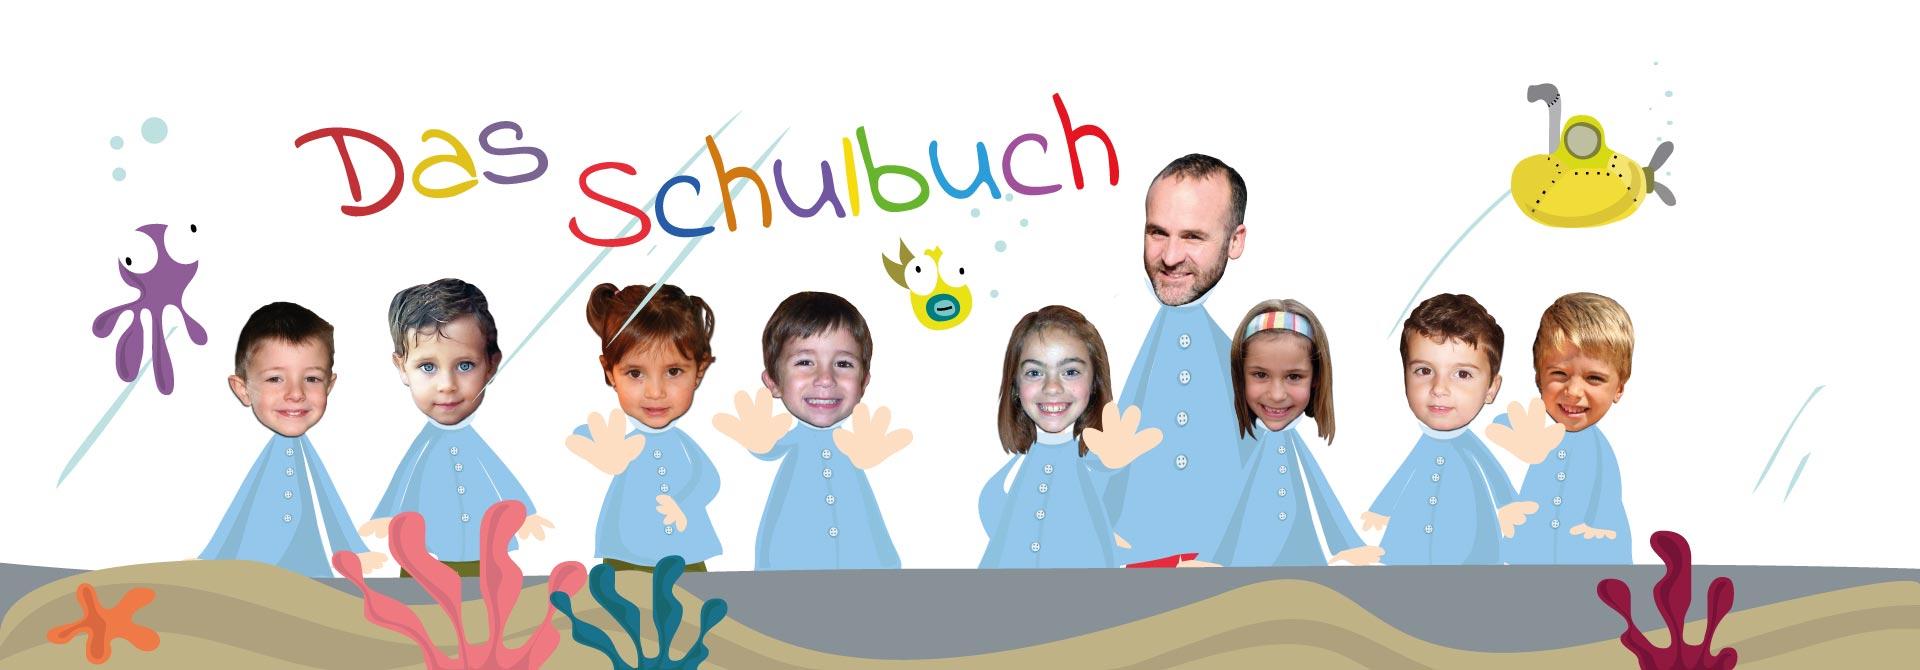 Geschenke für lehrer: Danke an lehrerin grundschule - Produkt- Kopfzeile